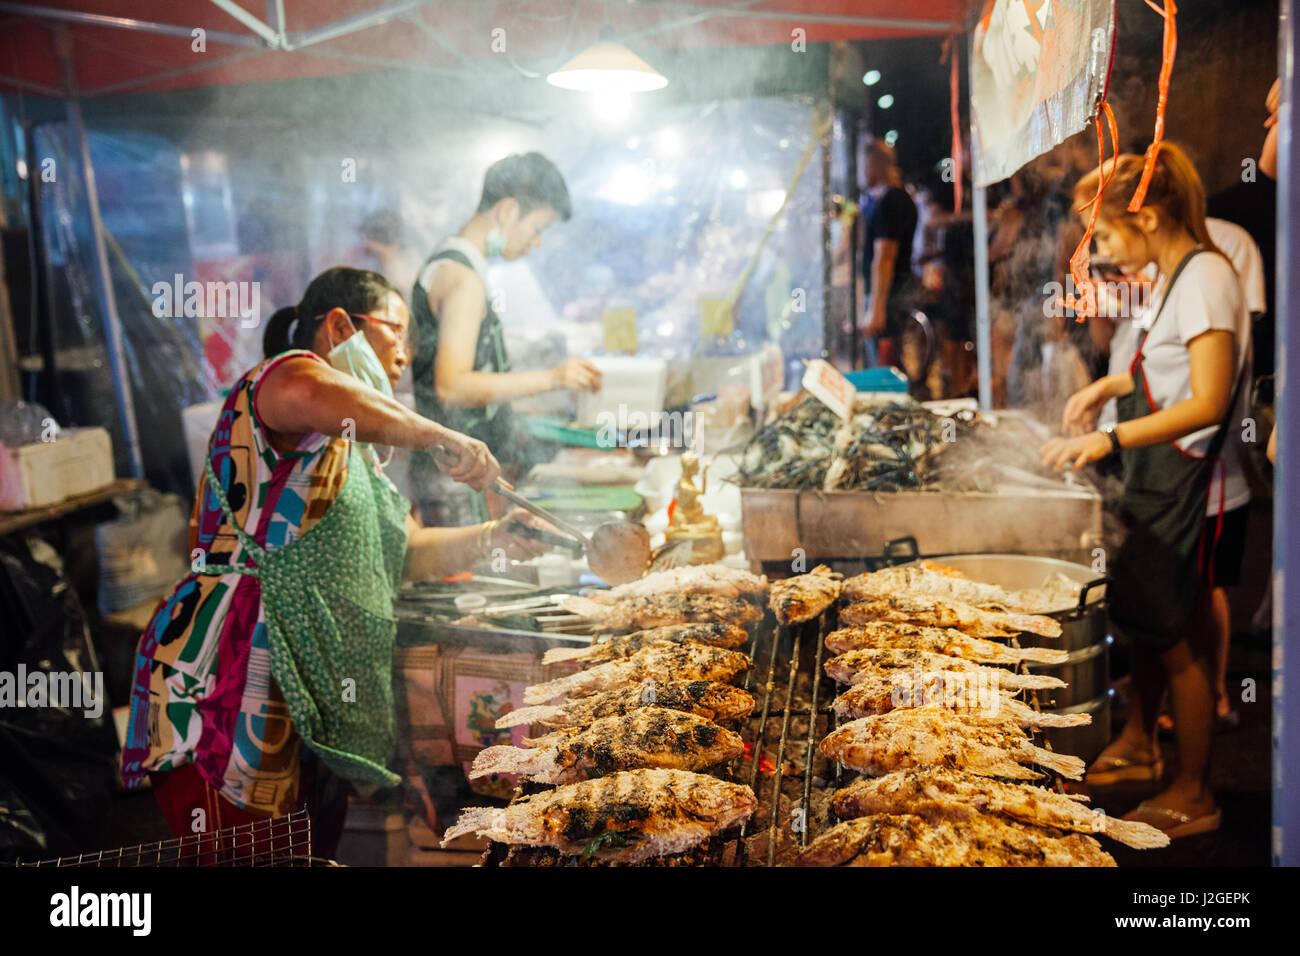 CHIANG MAI, Tailandia - 27 de agosto: vendedor de comida cocineros pescados y mariscos en el mercado del sábado Imagen De Stock